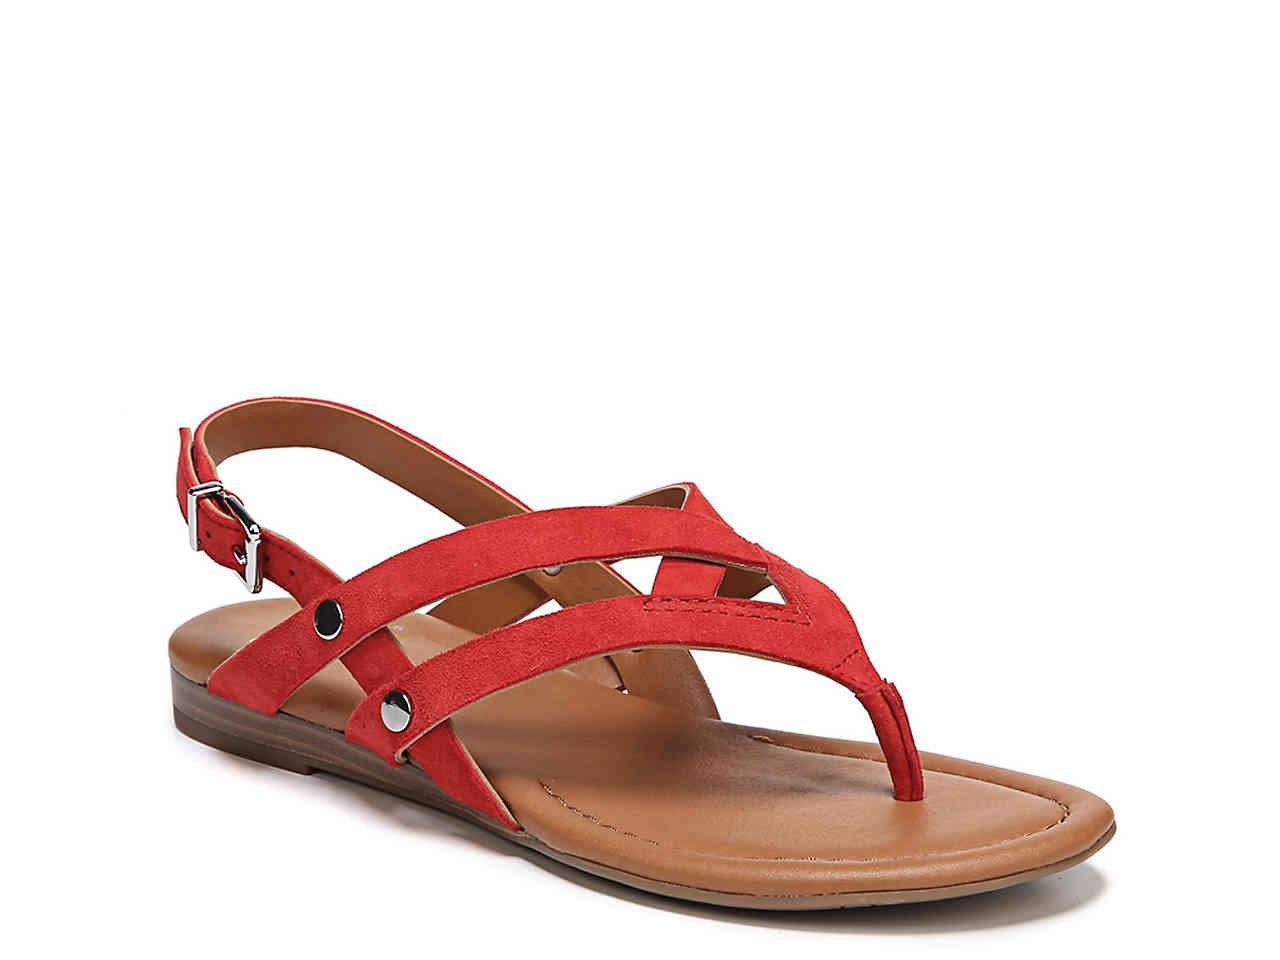 Franco Sarto Gretchen Sandal Women's Shoes | DSW